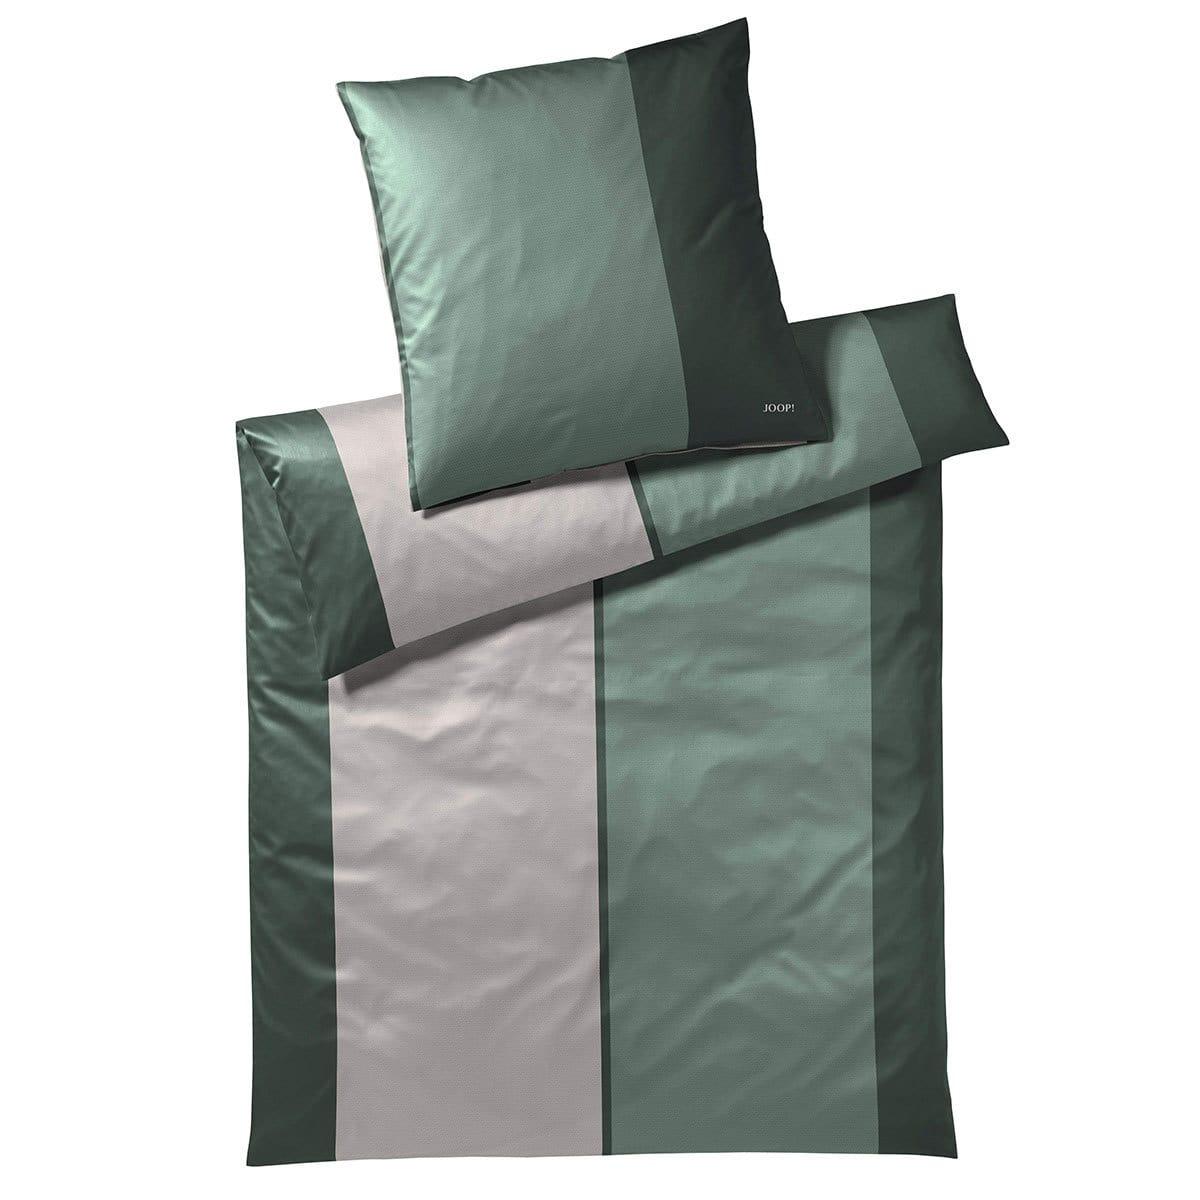 joop bettw sche partition forest g nstig online kaufen bei. Black Bedroom Furniture Sets. Home Design Ideas